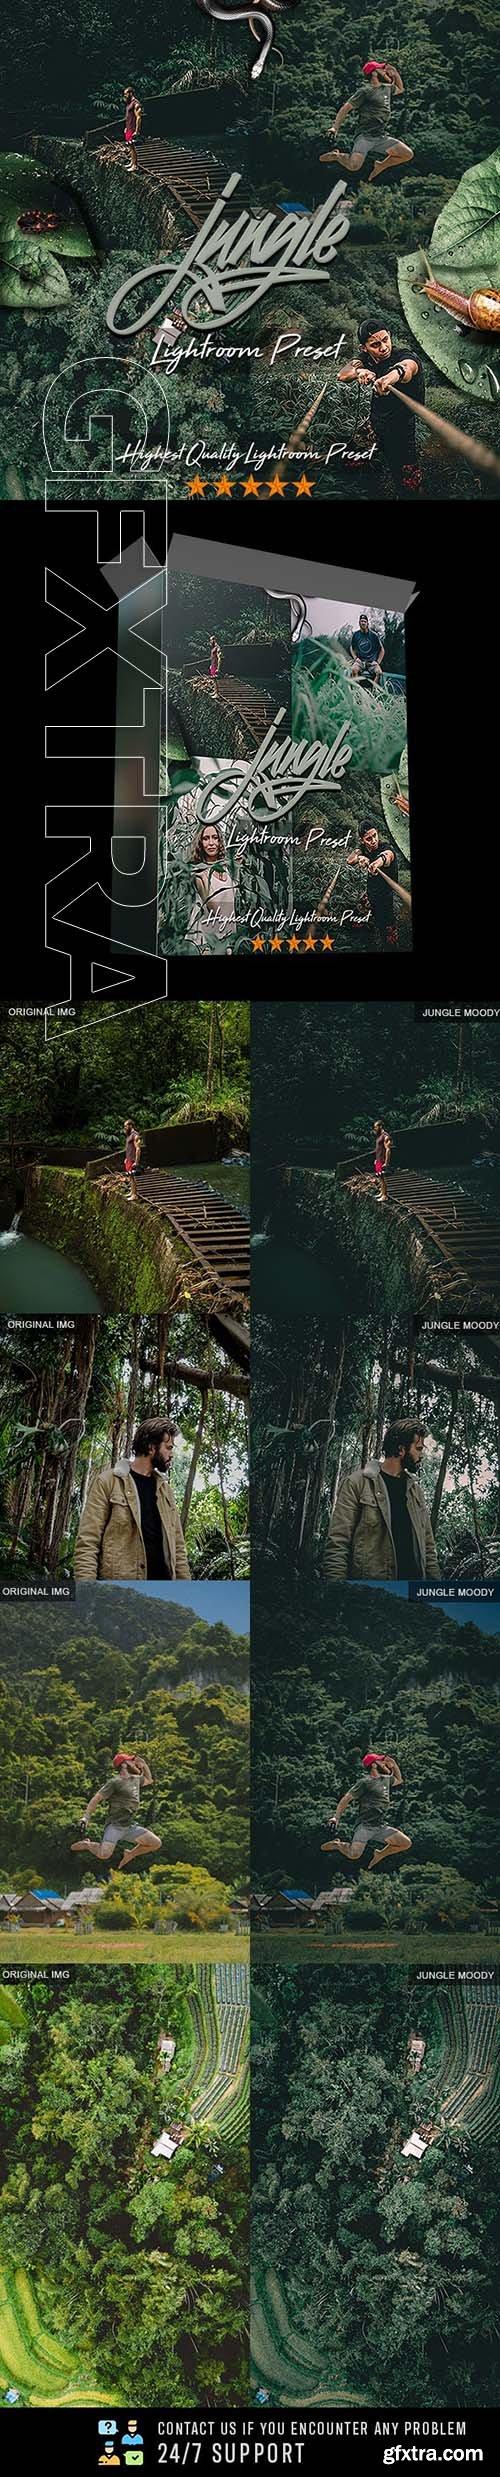 GraphicRiver - Jungle Moody PRO Preset 24885969